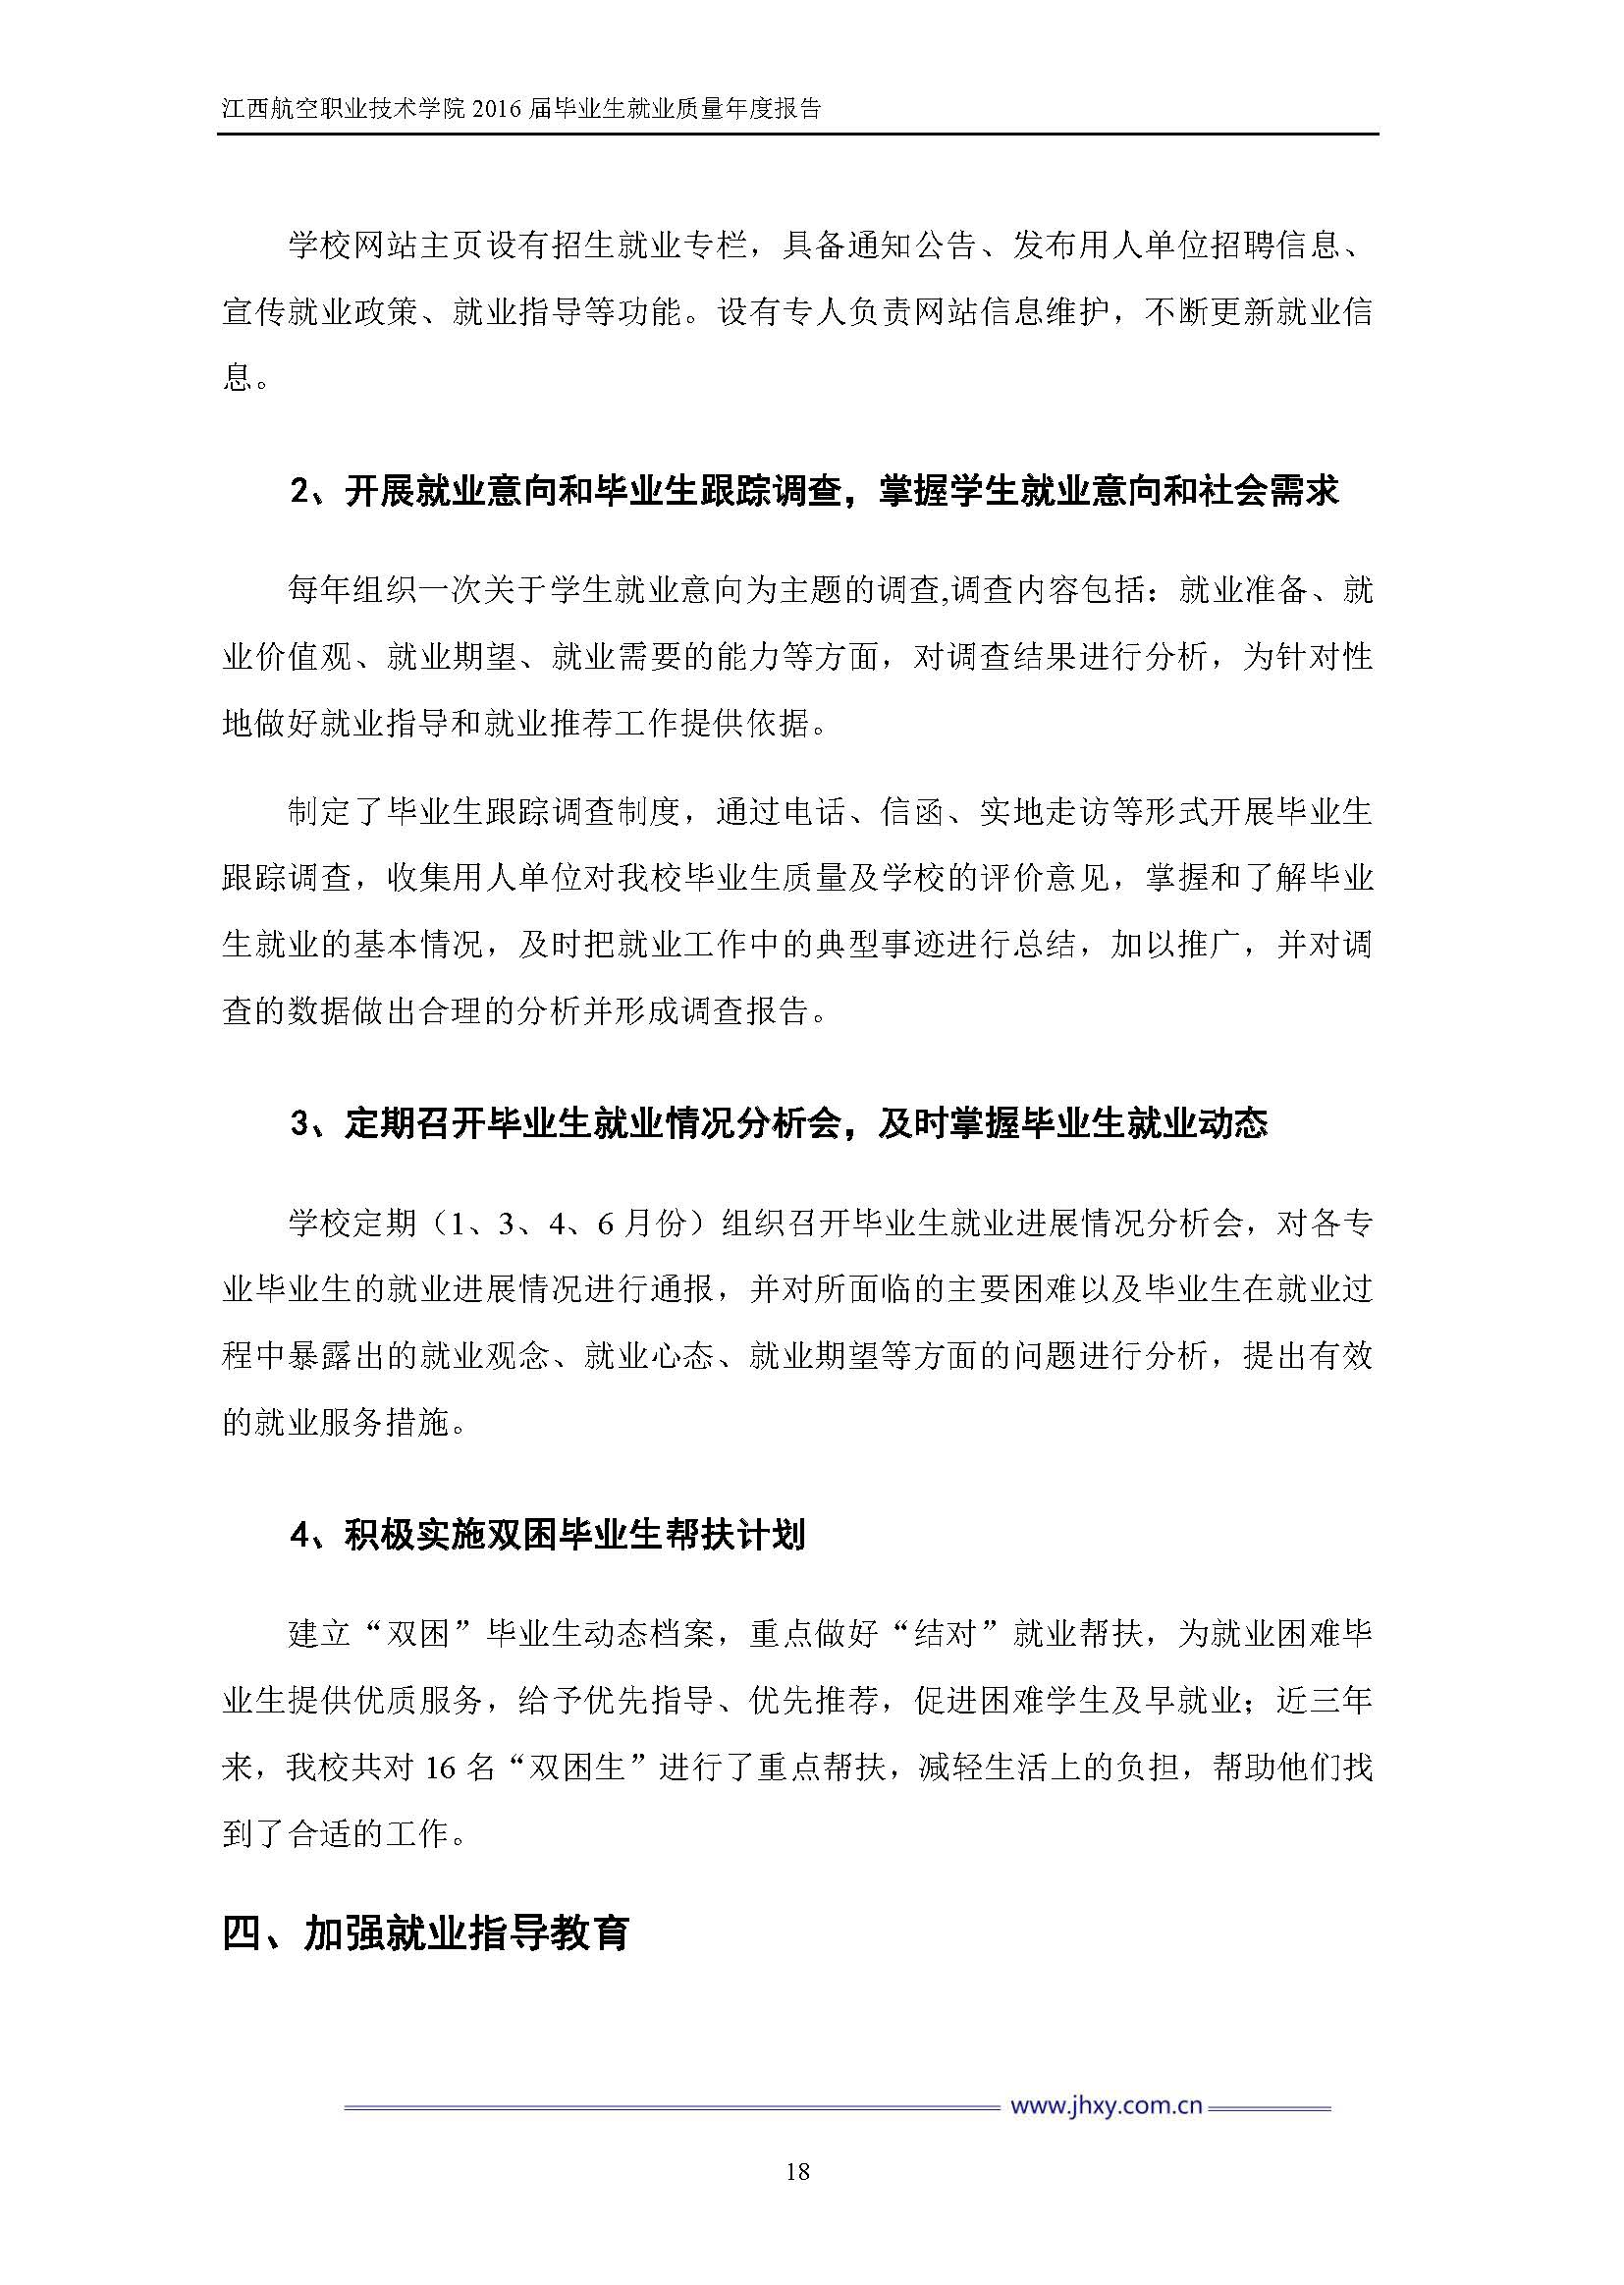 江西航空职业技术学院2016届毕业生就业质量年度报告_Page_25.jpg